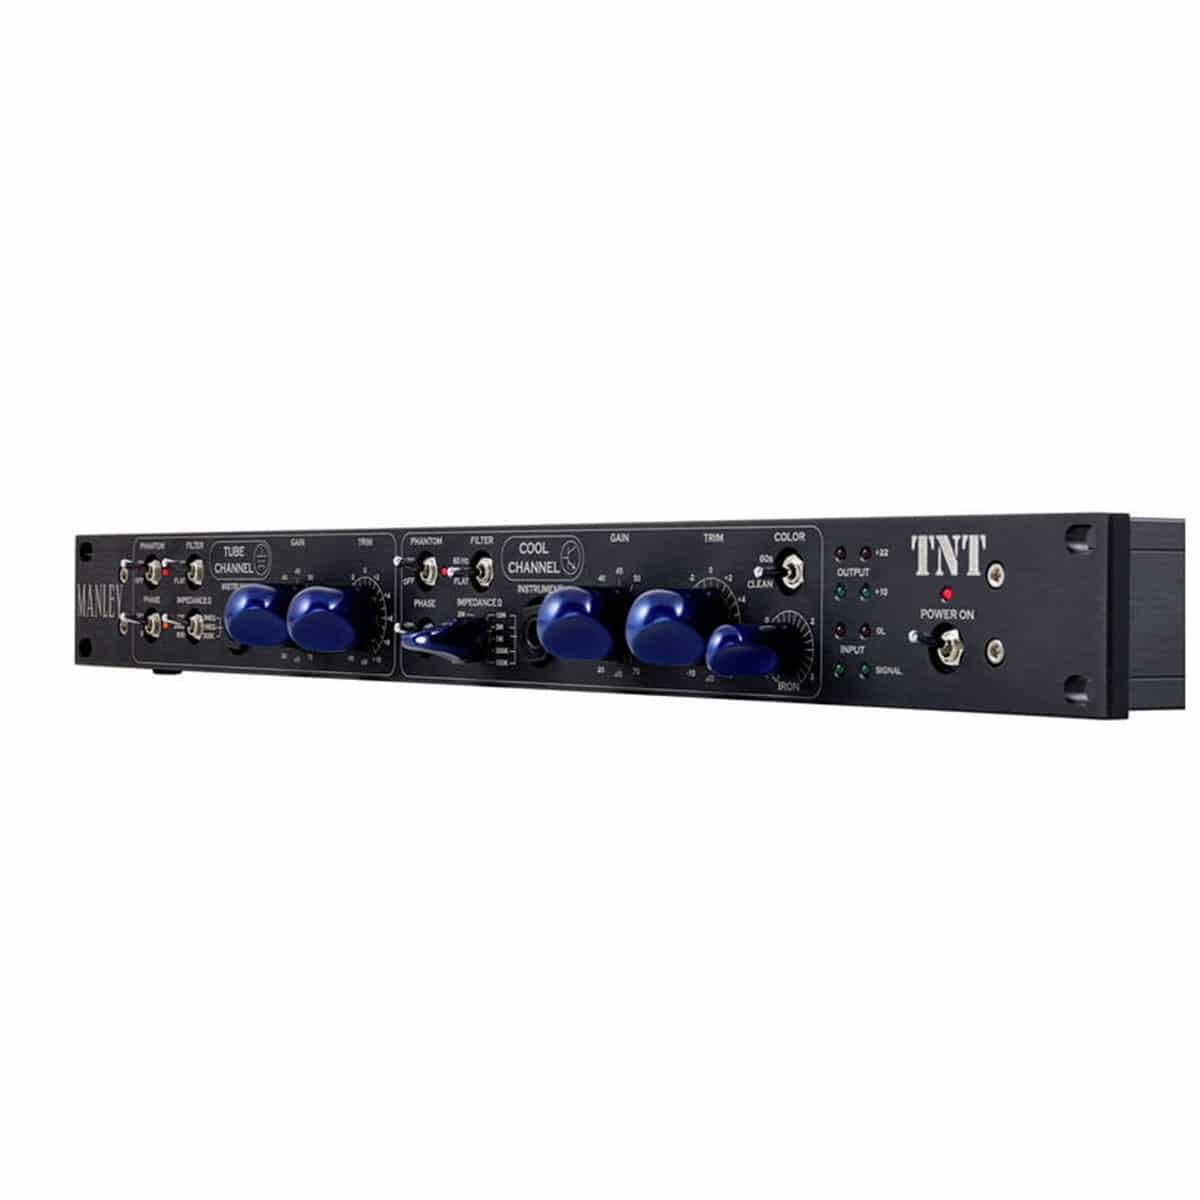 Manley TNT 03 Outboard professionale analogico, Preamplificatori microfonici in formato Rack e Serie 500, Strumentazioni Pro Audio per studi di registrazione